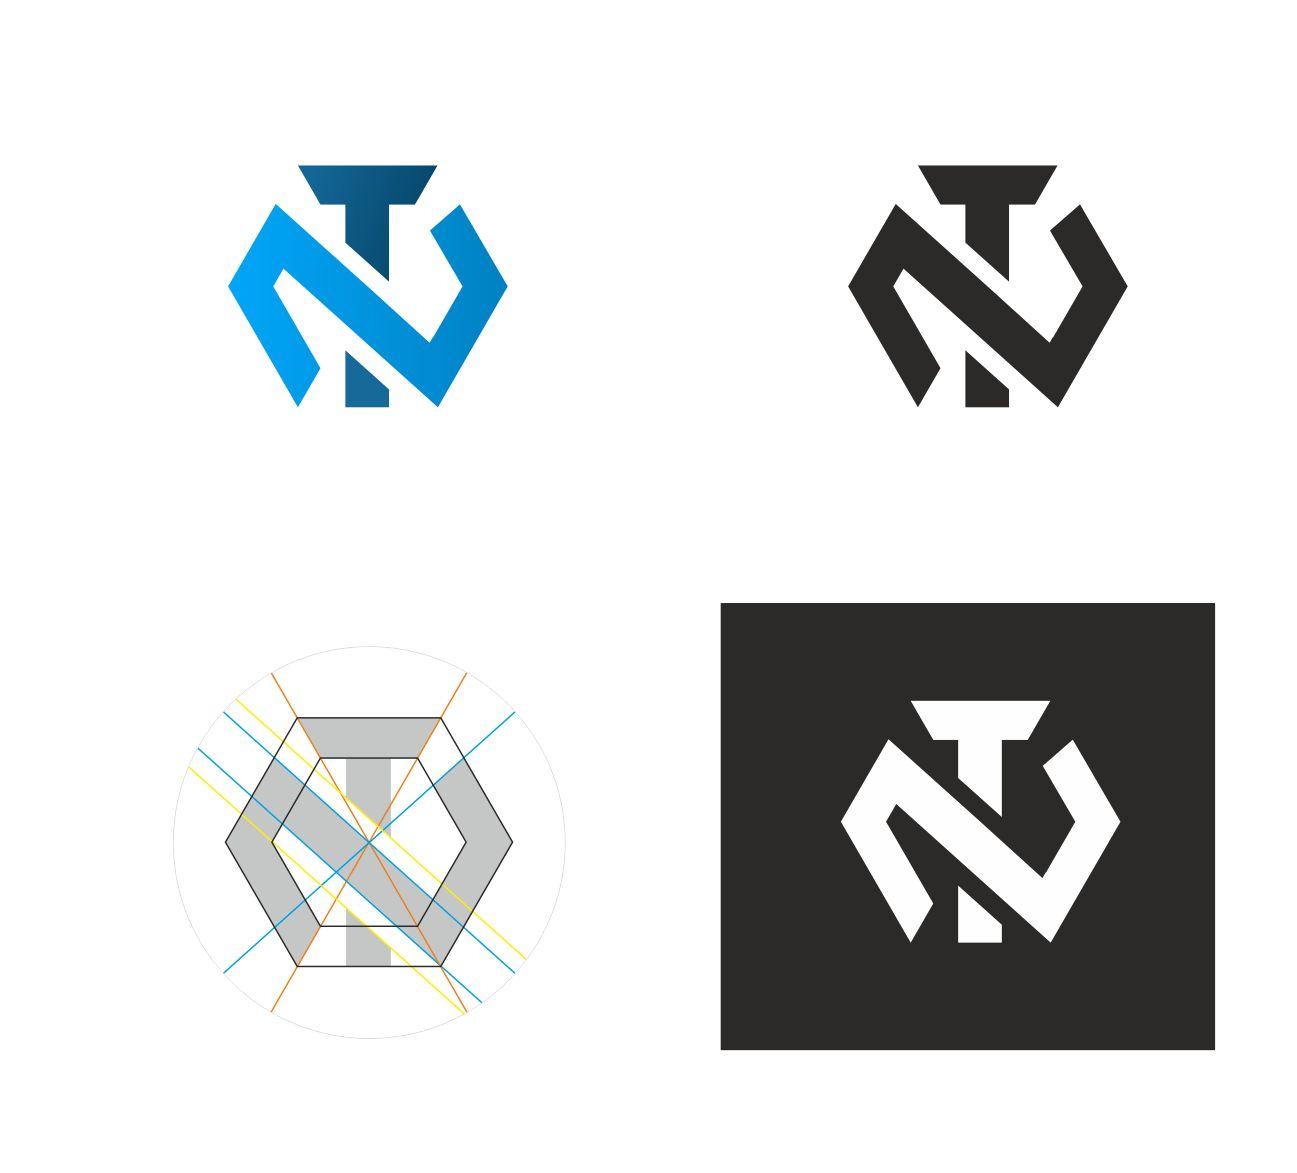 Разработка логотипа и фирменного стиля фото f_3645e88beb08f80e.jpg